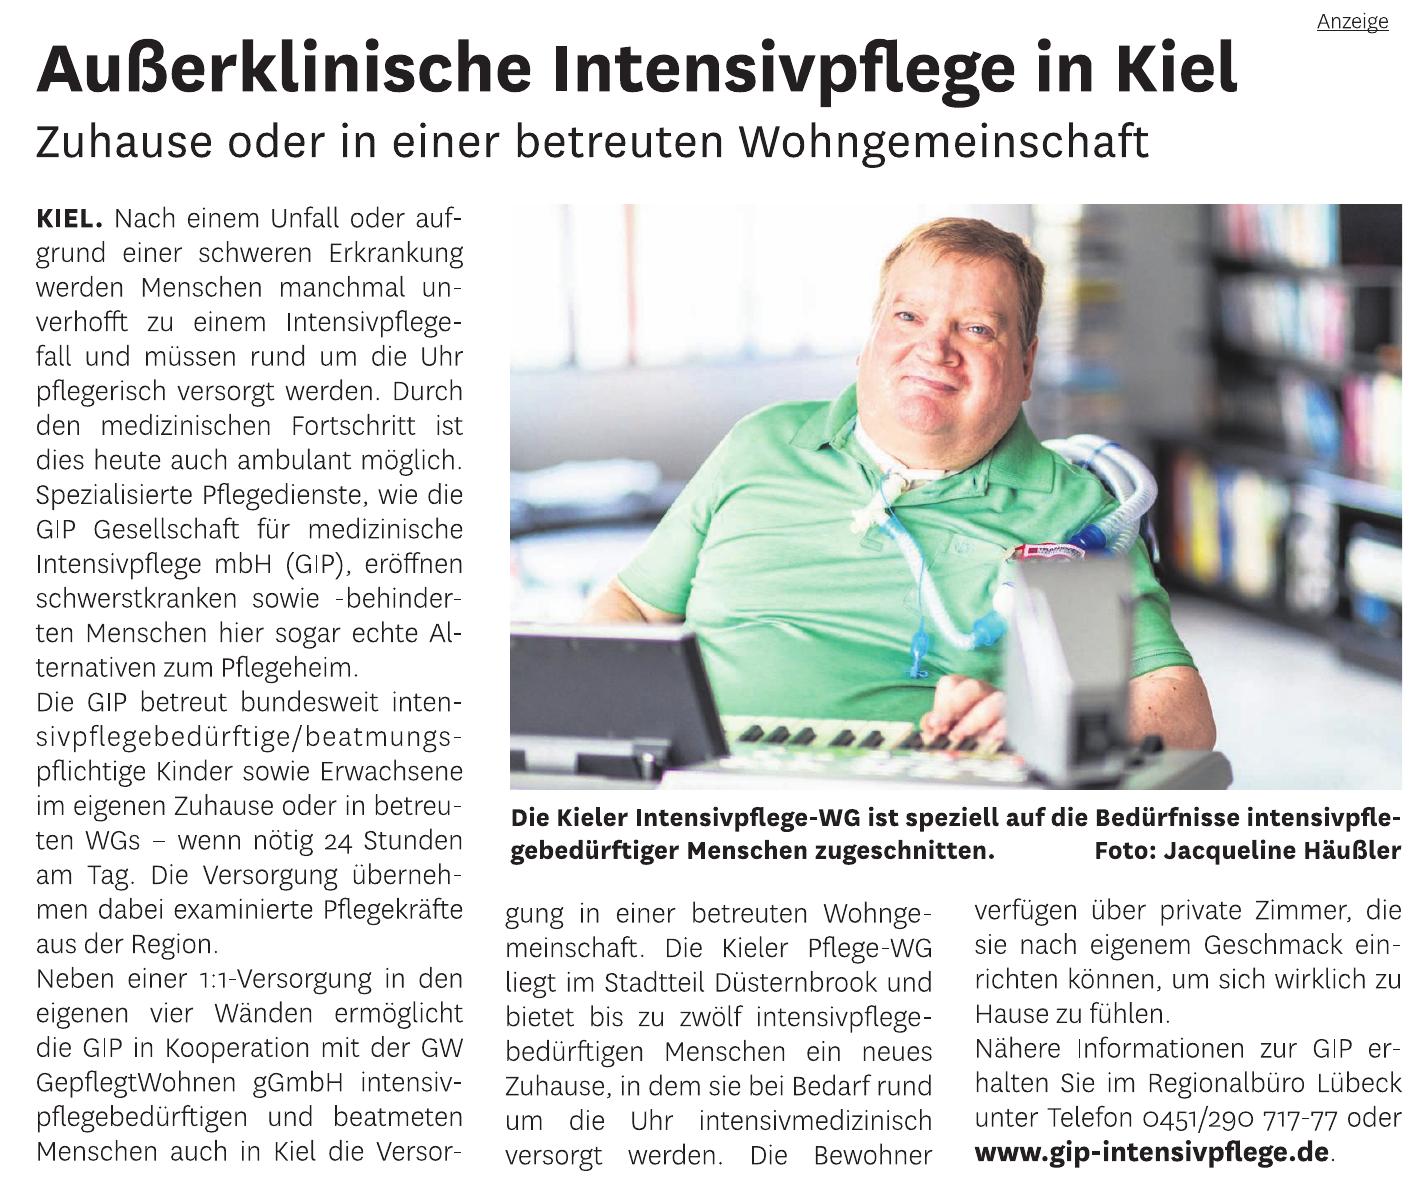 GIP Gesellschaft für medizinische Intensivpflege mbH - Kieler Pflege-WG